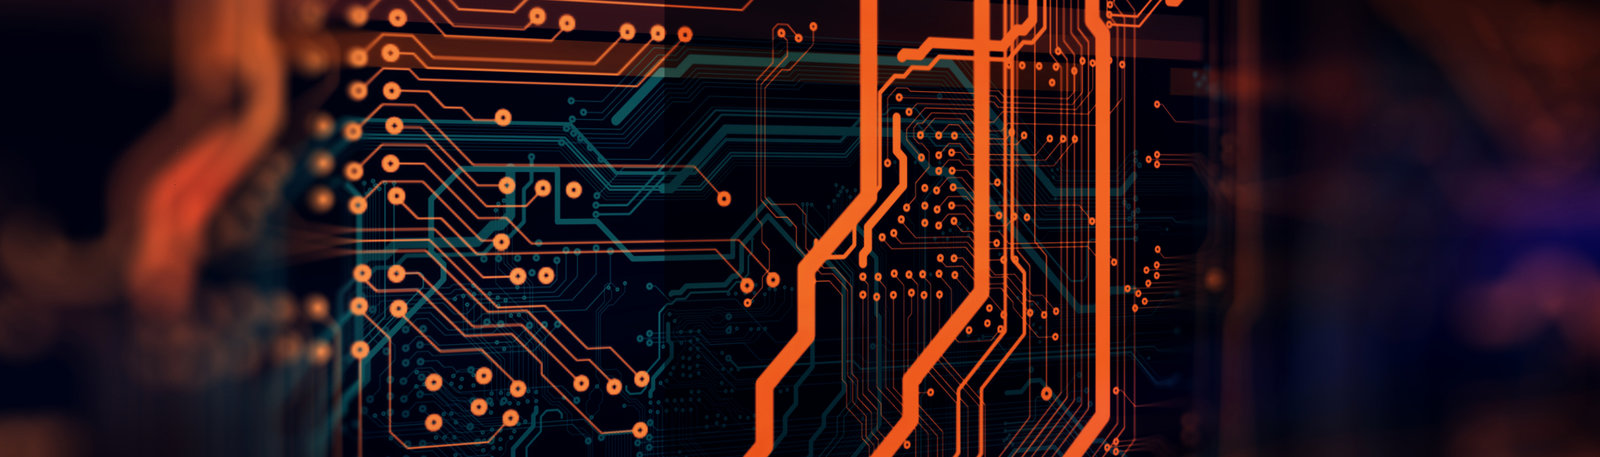 Maatwerk software integratie - Maatwerk software integratie